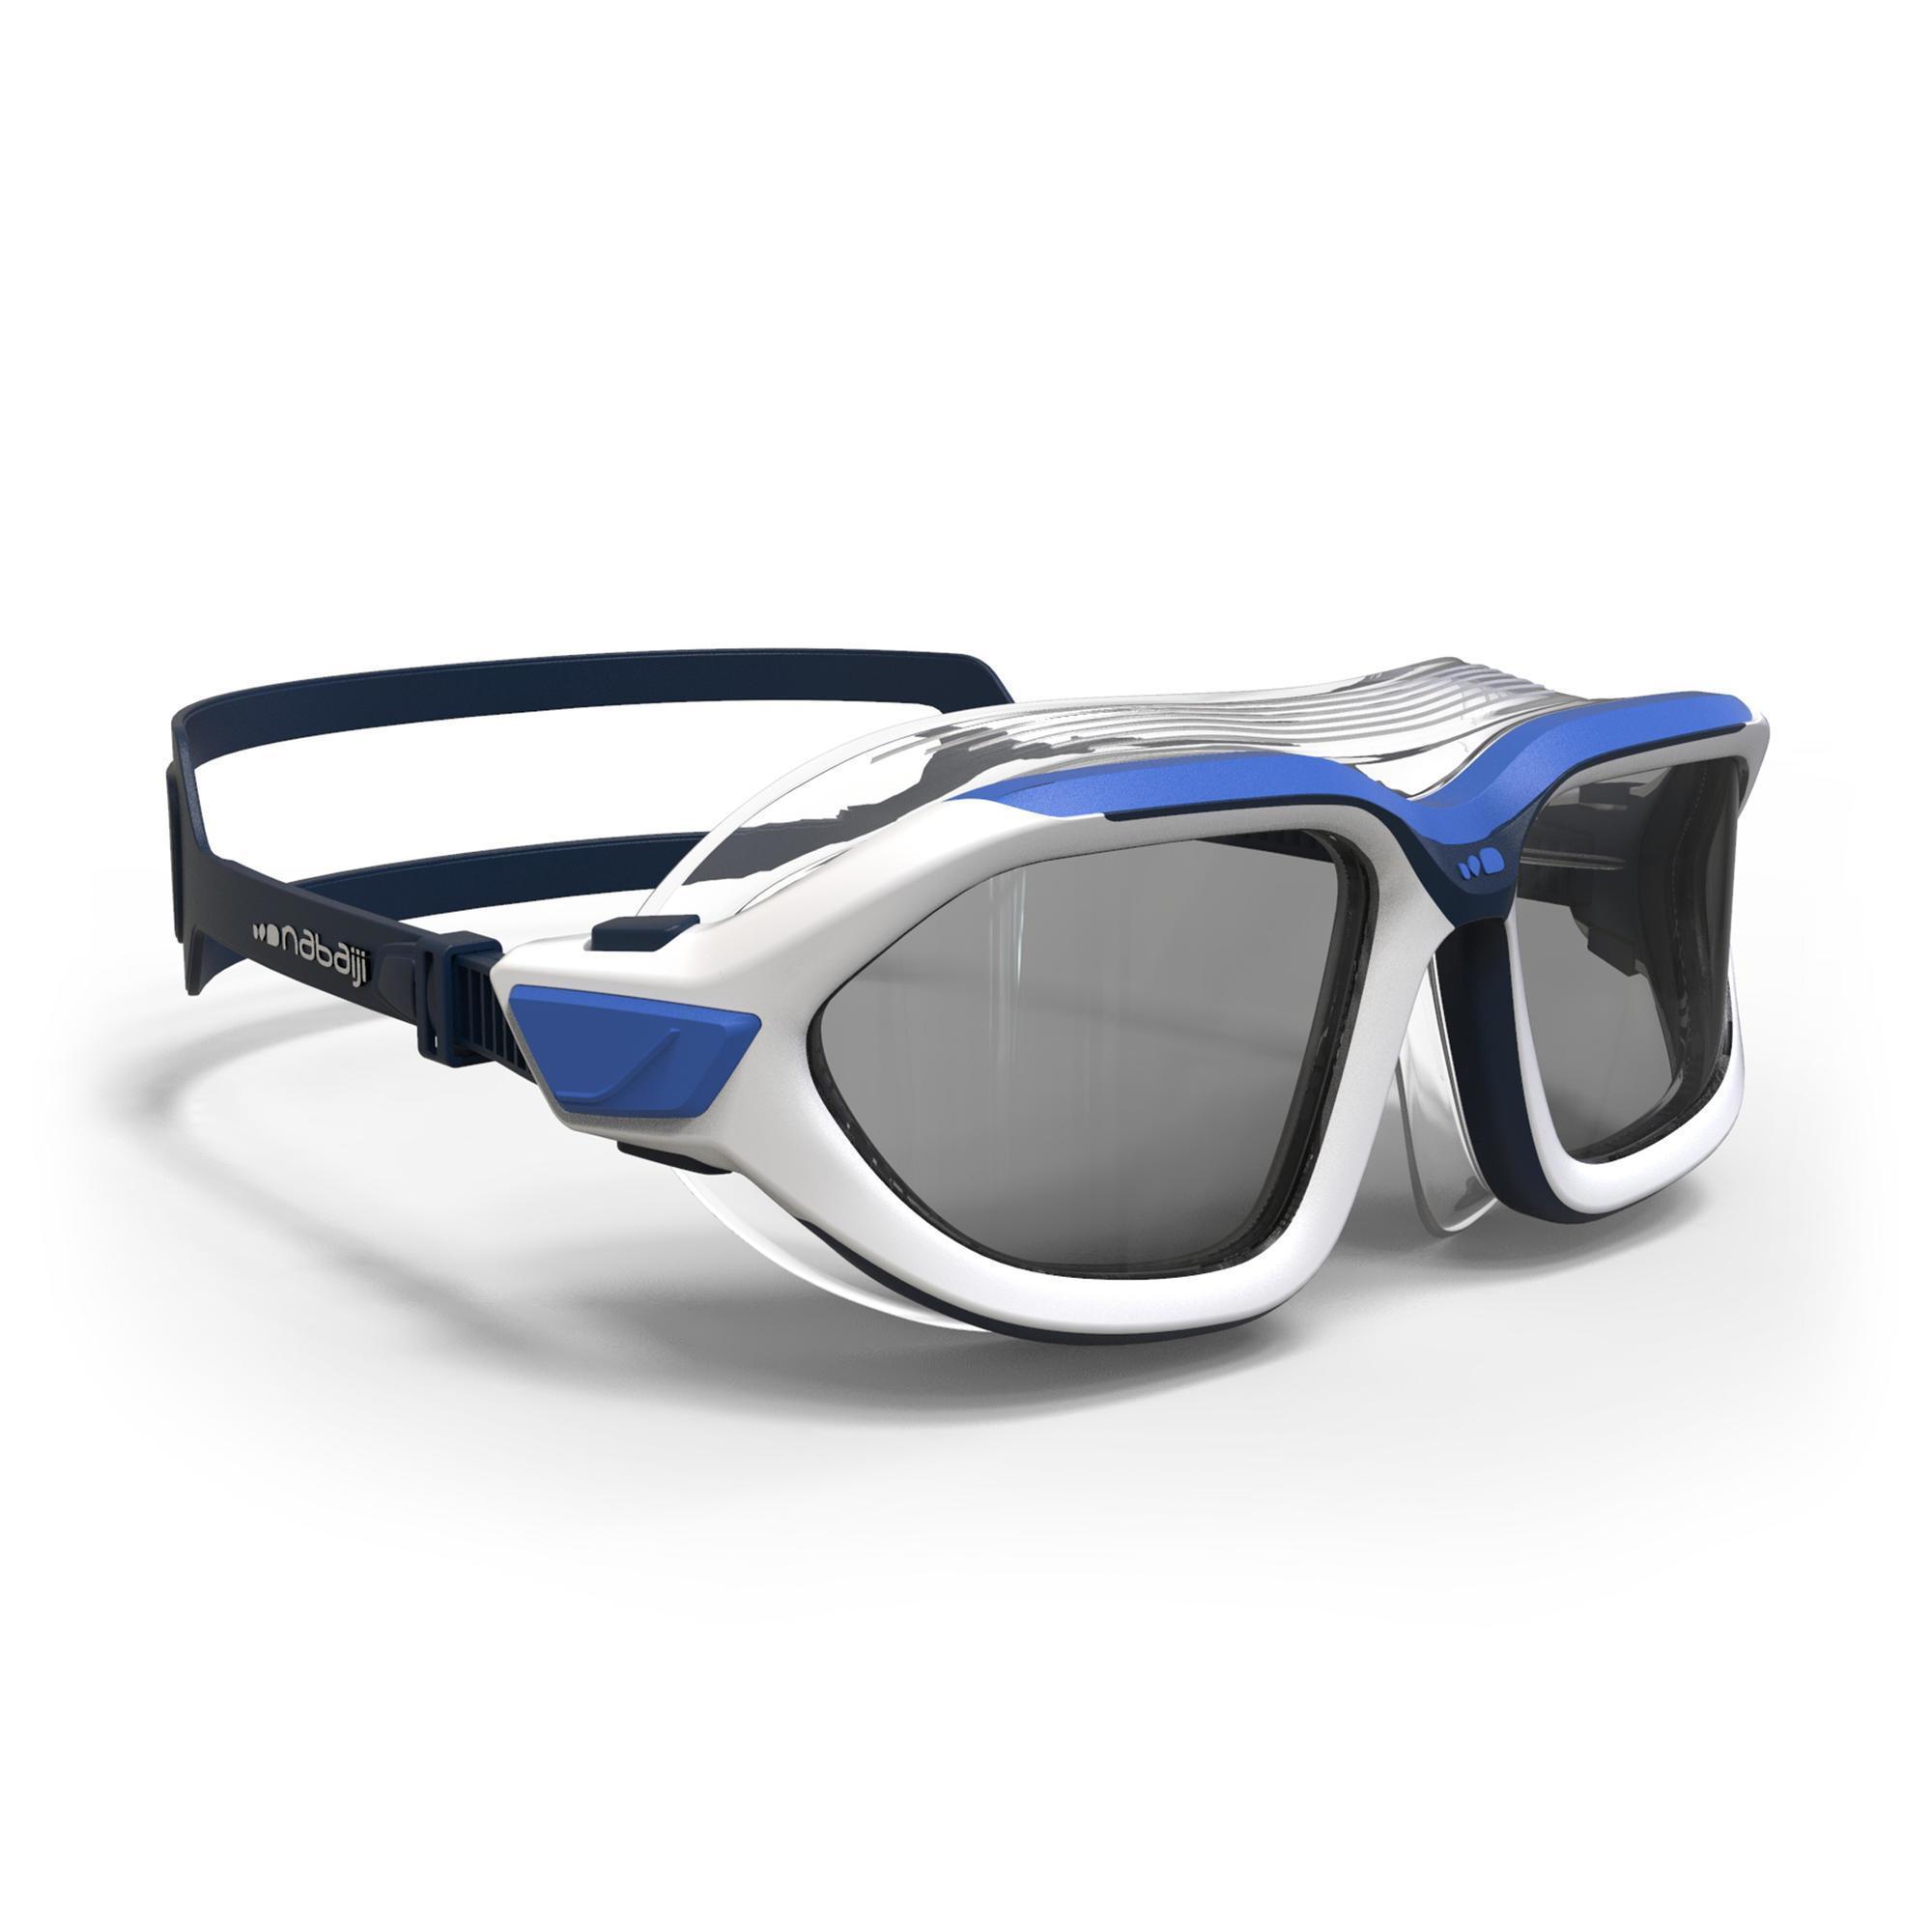 Masque De Natation 500 Active Taille L Blanc Bleu Verres Fumés pour Velo De Piscine Decathlon